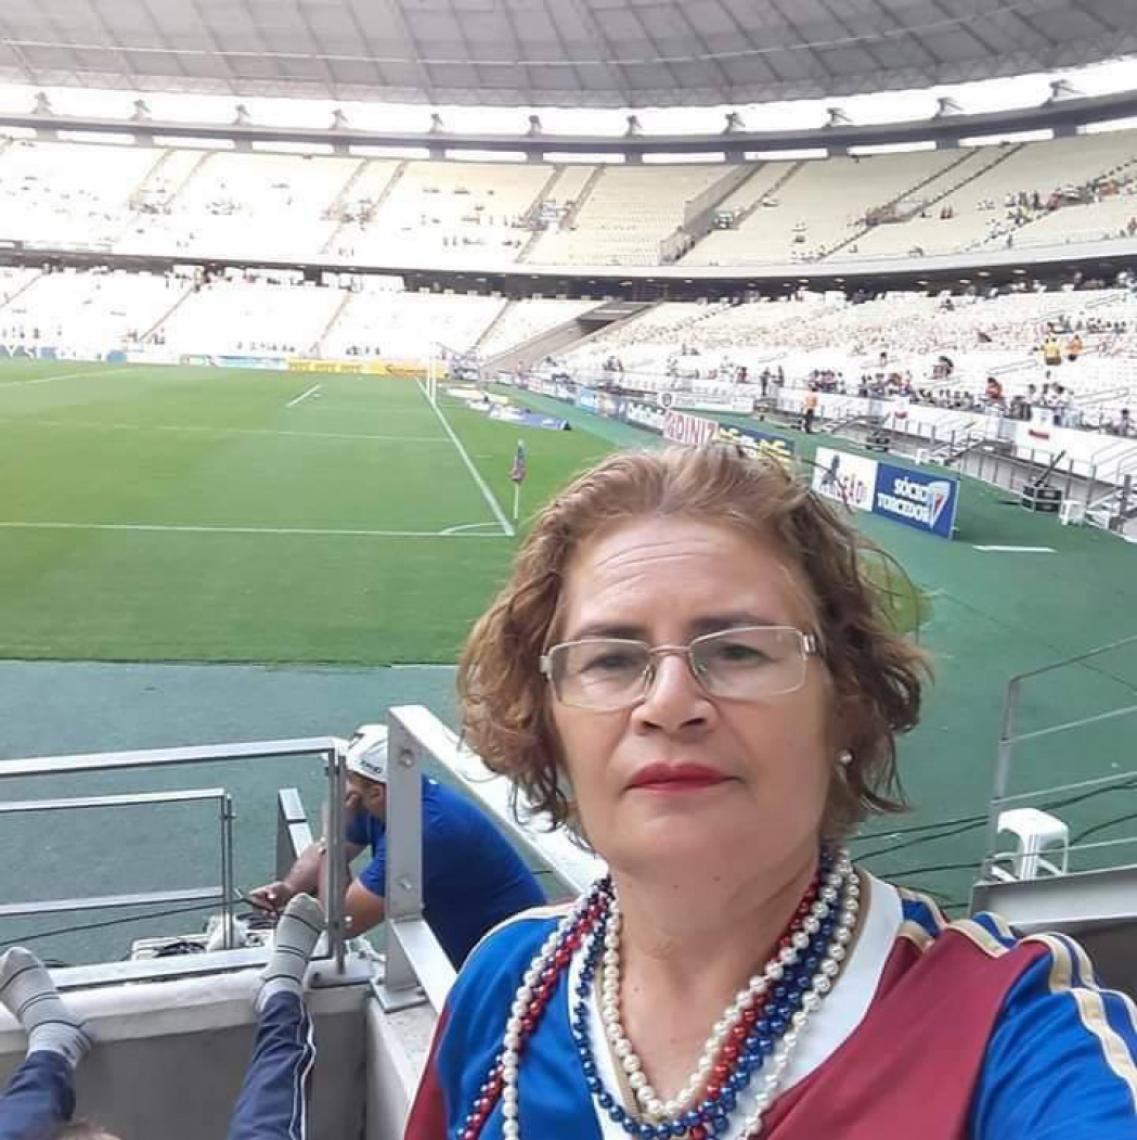 MARA Santos era torcedora e ajudava o Fortaleza em ações e promoções